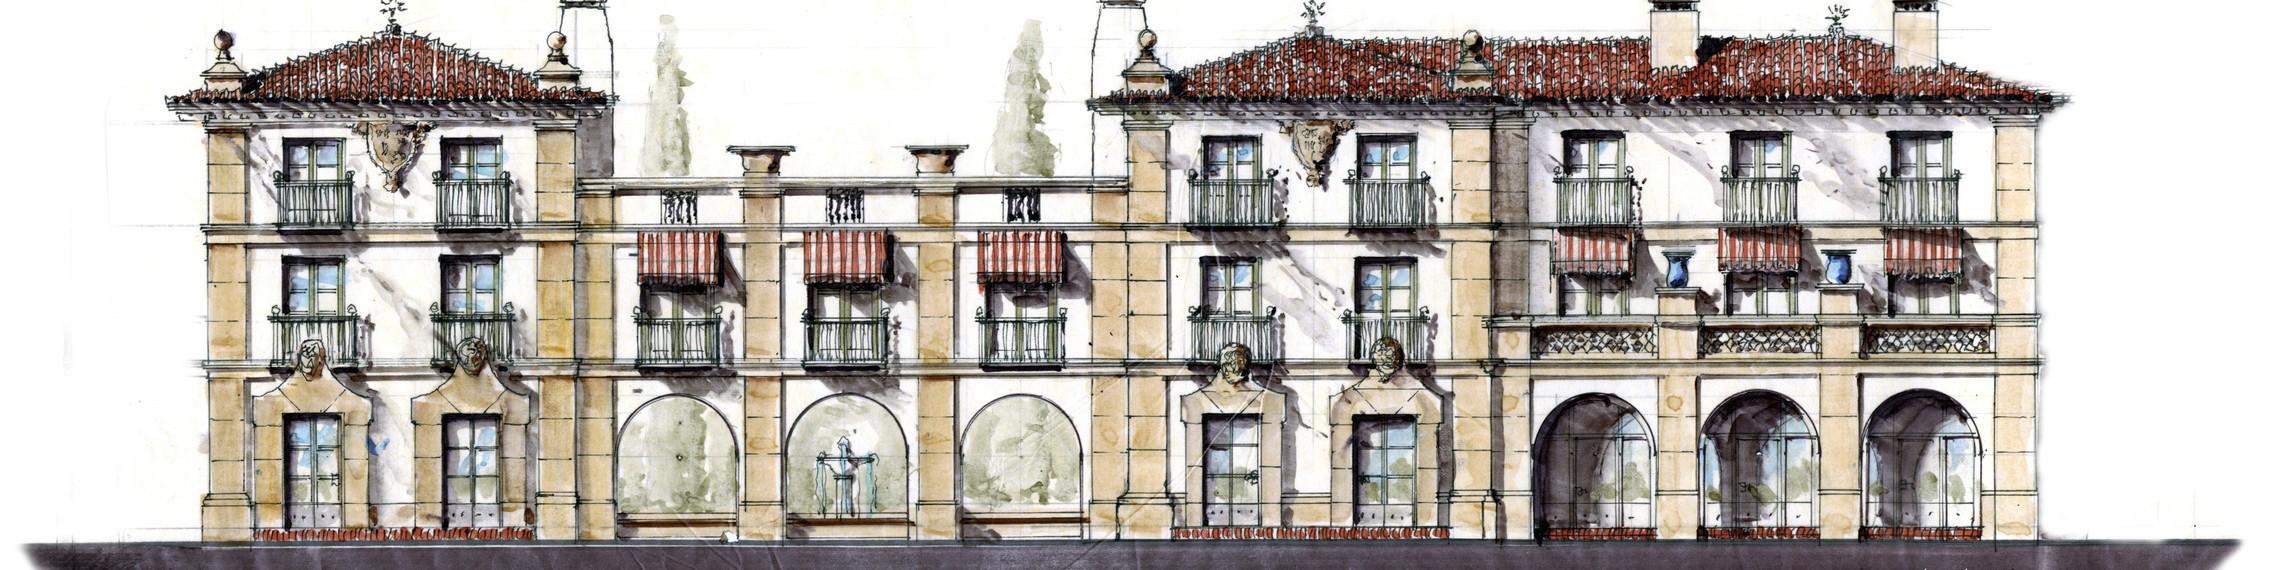 Parker Waterfront Hotel Rendering Old Scheme